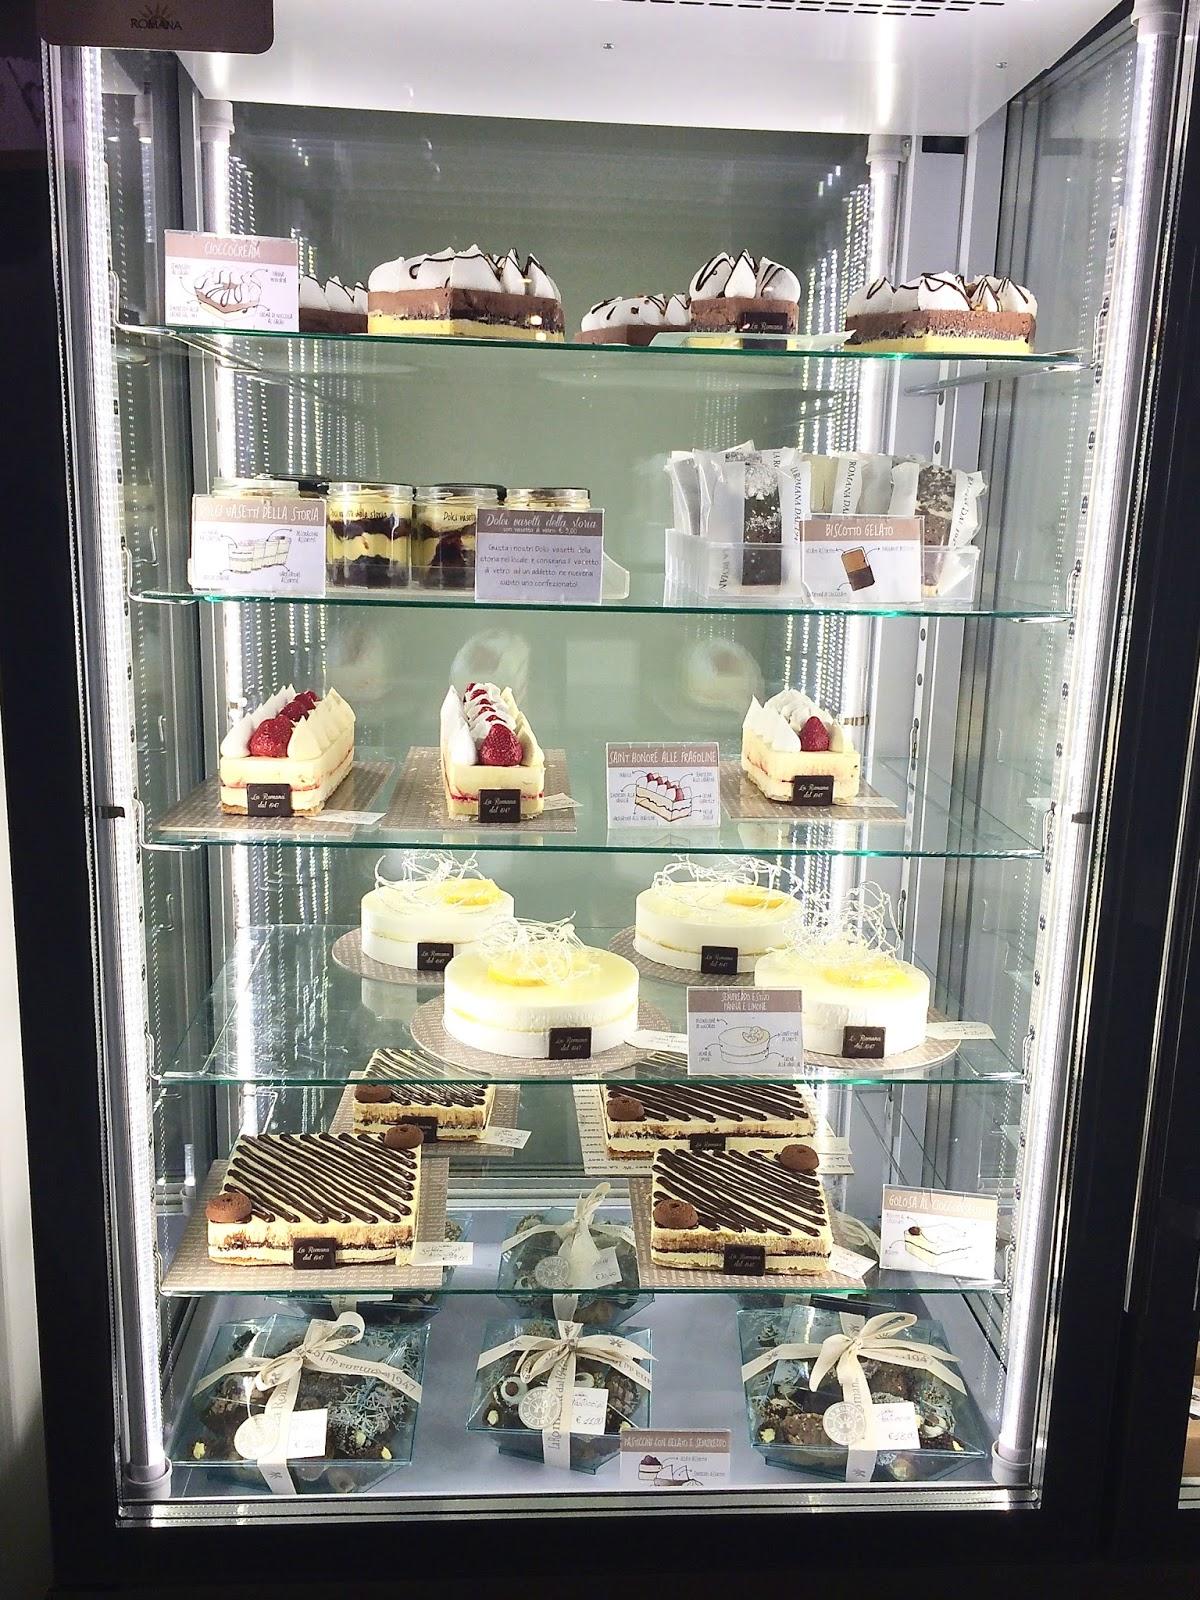 Desserts from Gelateria S.M.Maggiore